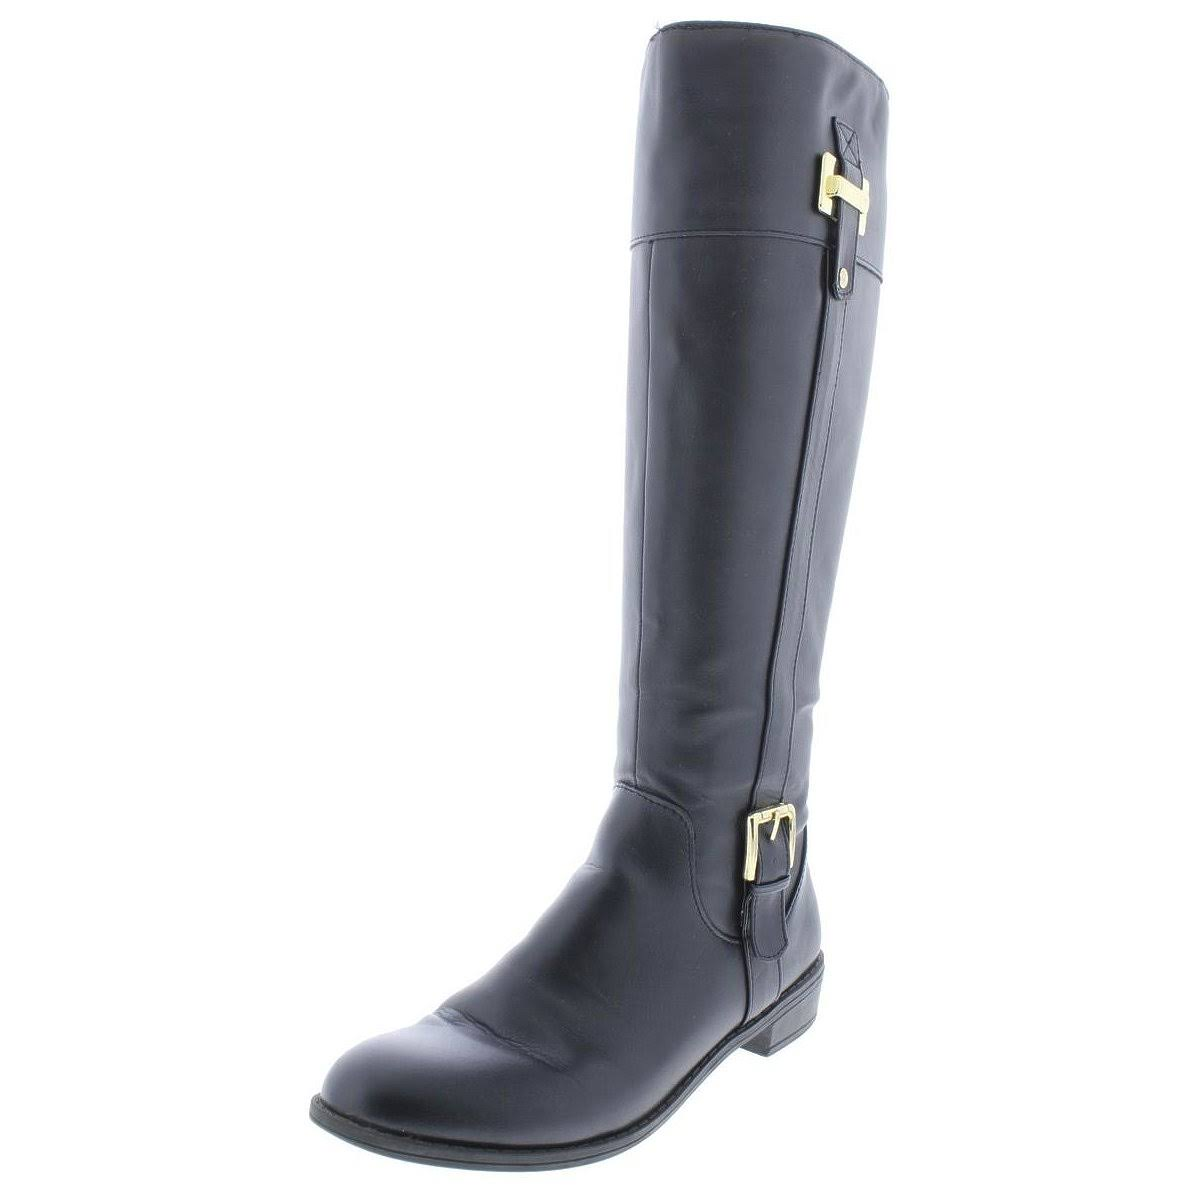 Boots Msrp79 Deliee Brown da Scarpe 99 5 New donna Scott taglia M 6 Karen EHWYDI29